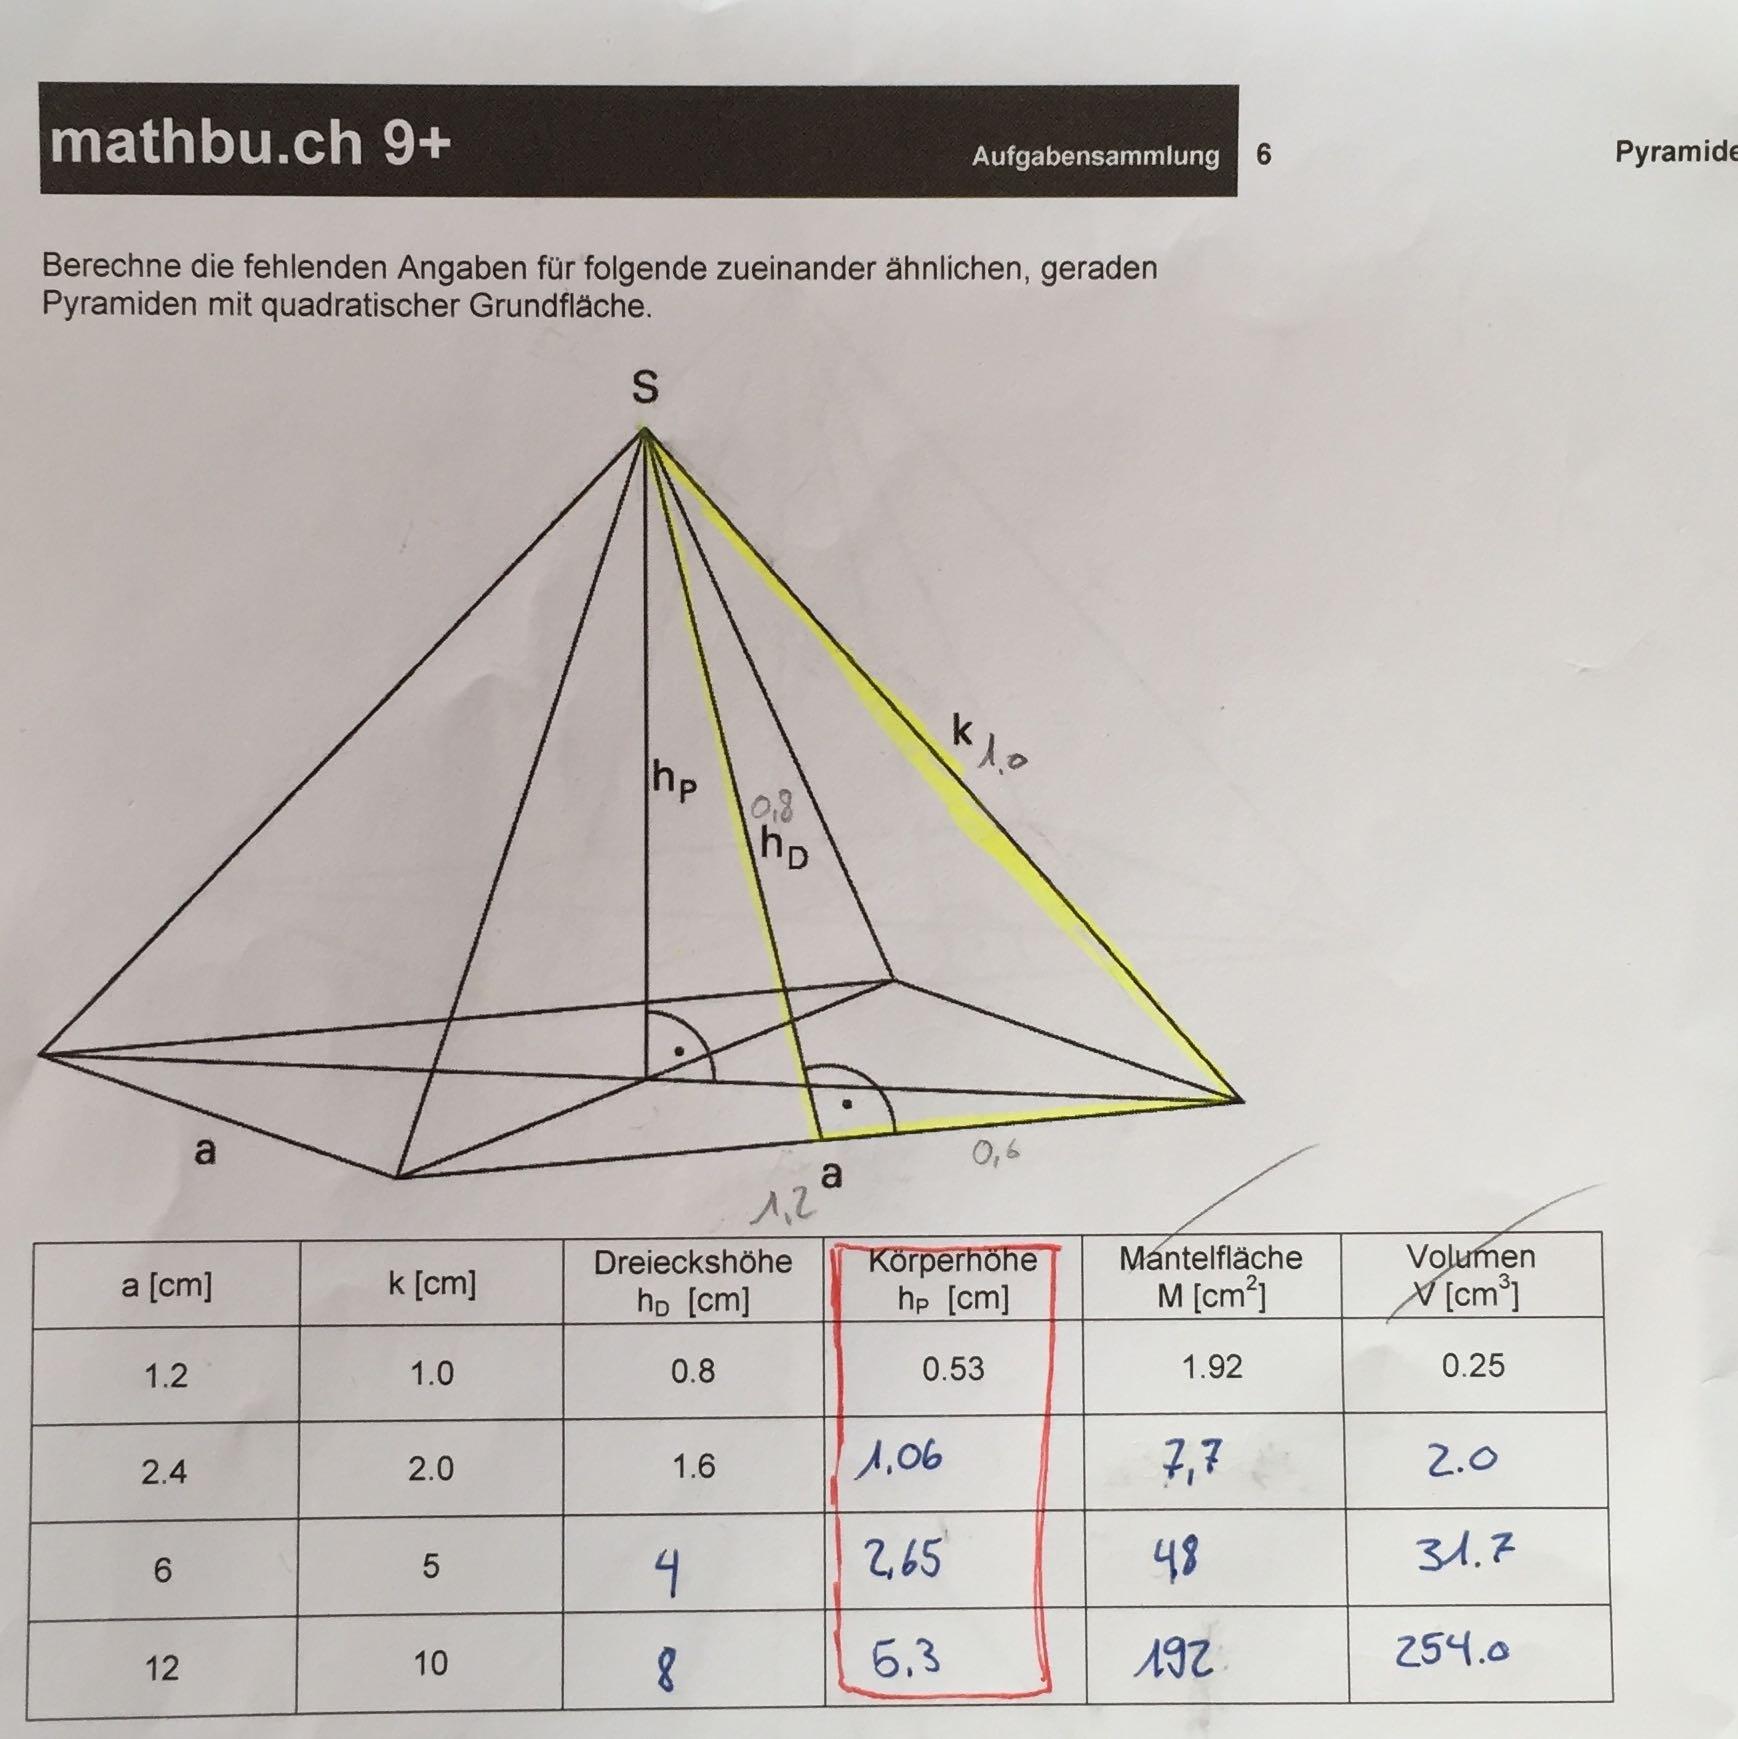 wie berechnet man die k rperh he f r eine pyramide mit quadratischer grundfl che mathematik. Black Bedroom Furniture Sets. Home Design Ideas